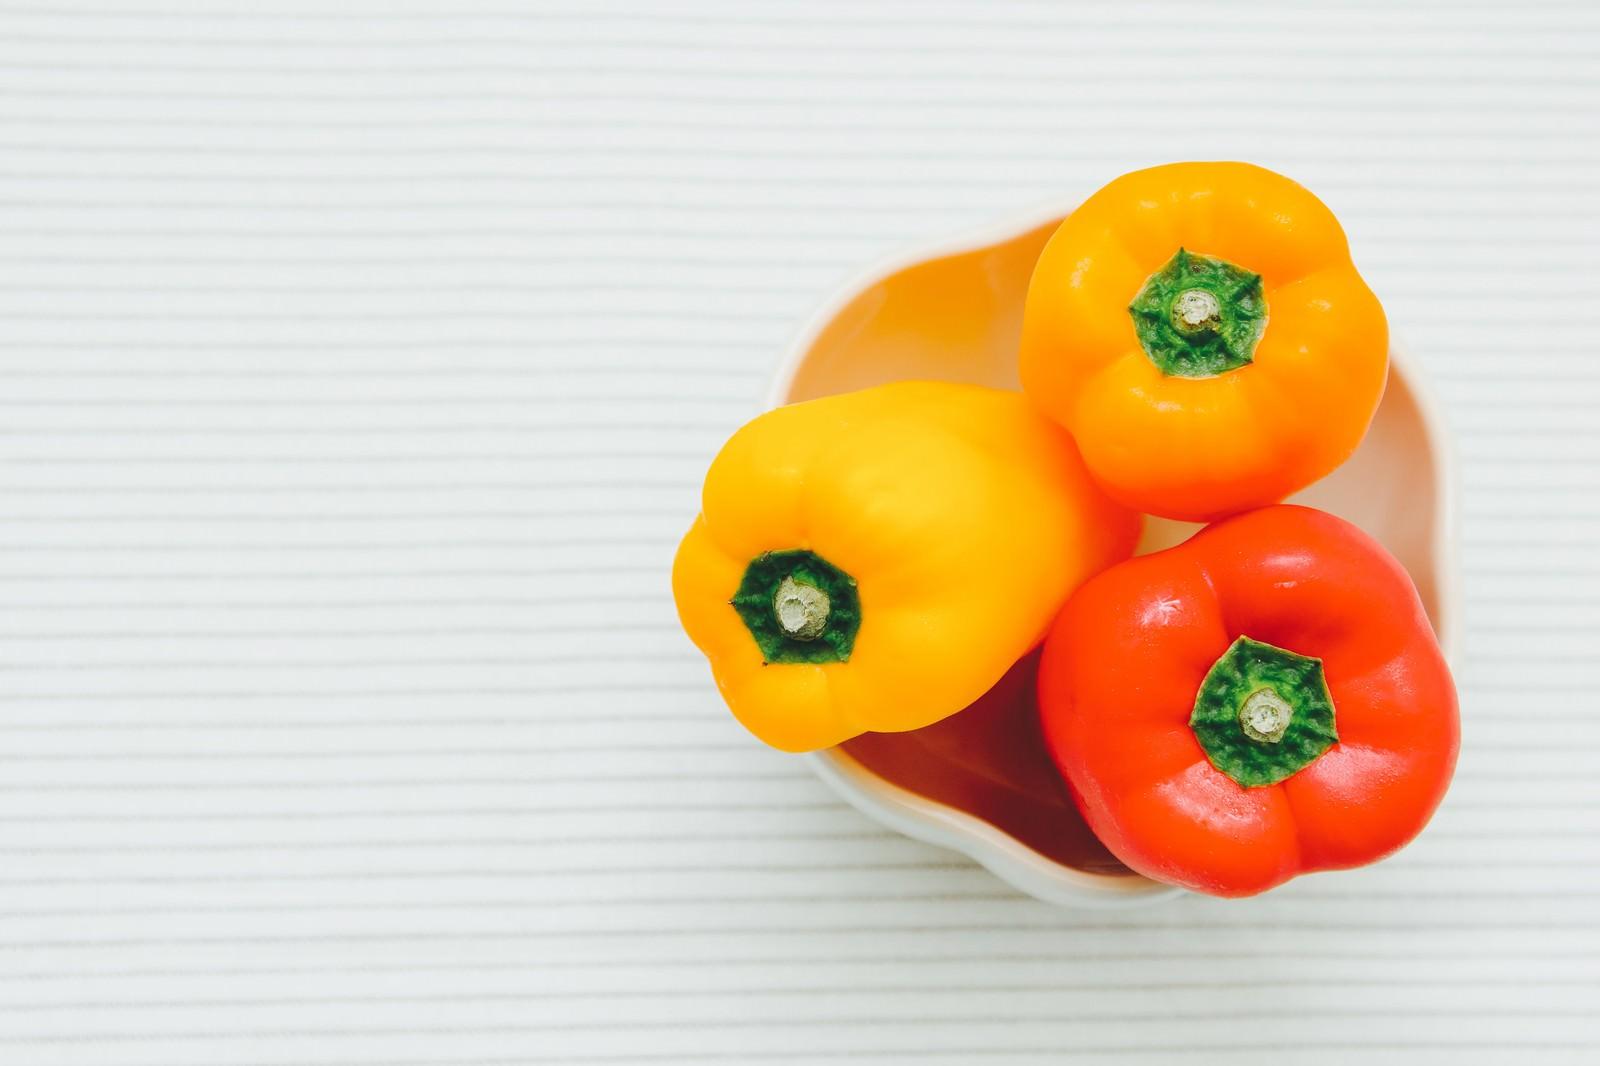 「黄色とオレンジのパプリカ」の写真